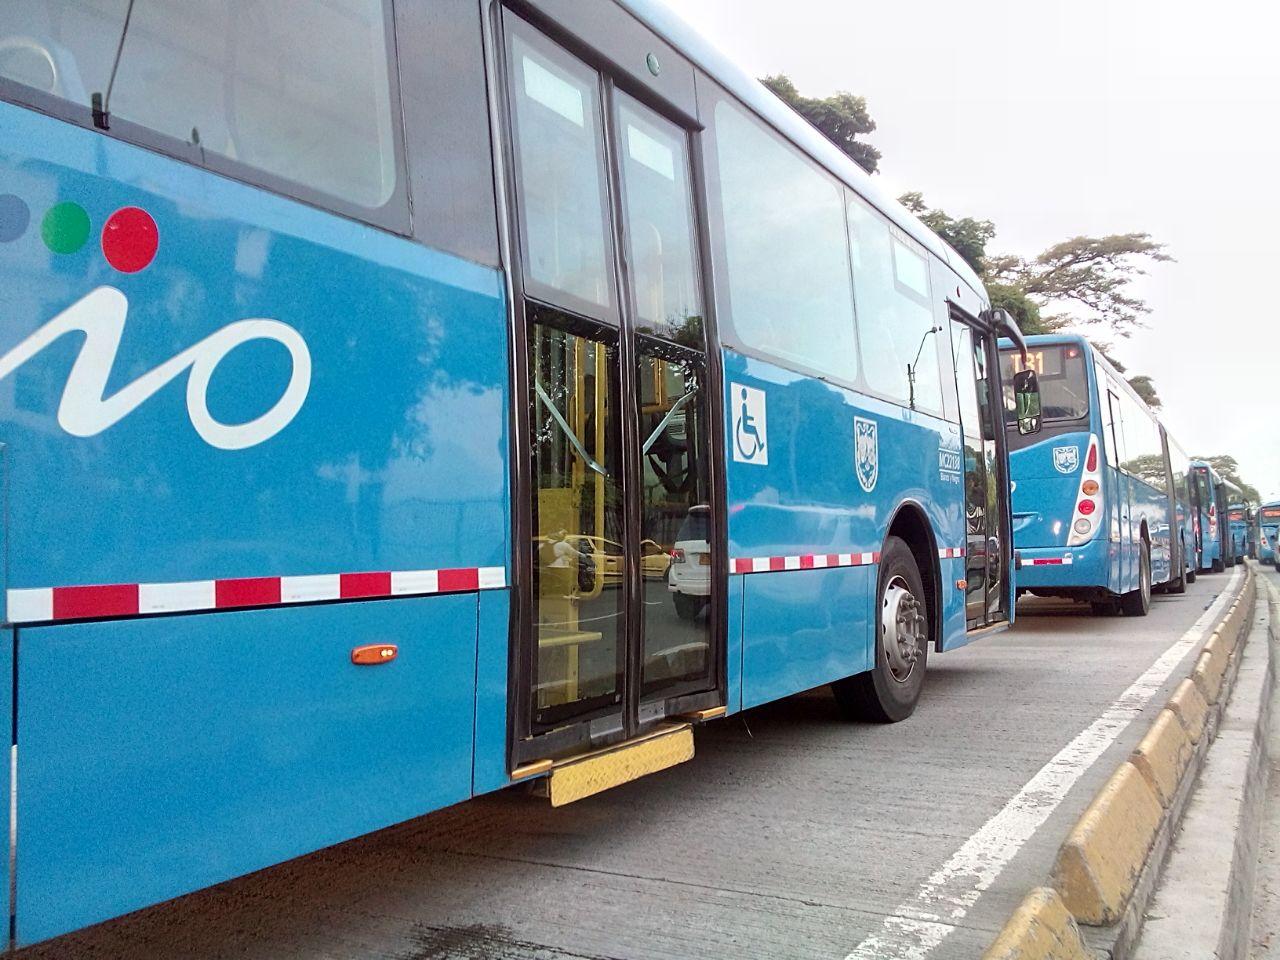 Choque de dos buses articulados del Mío causan congestión en el sur